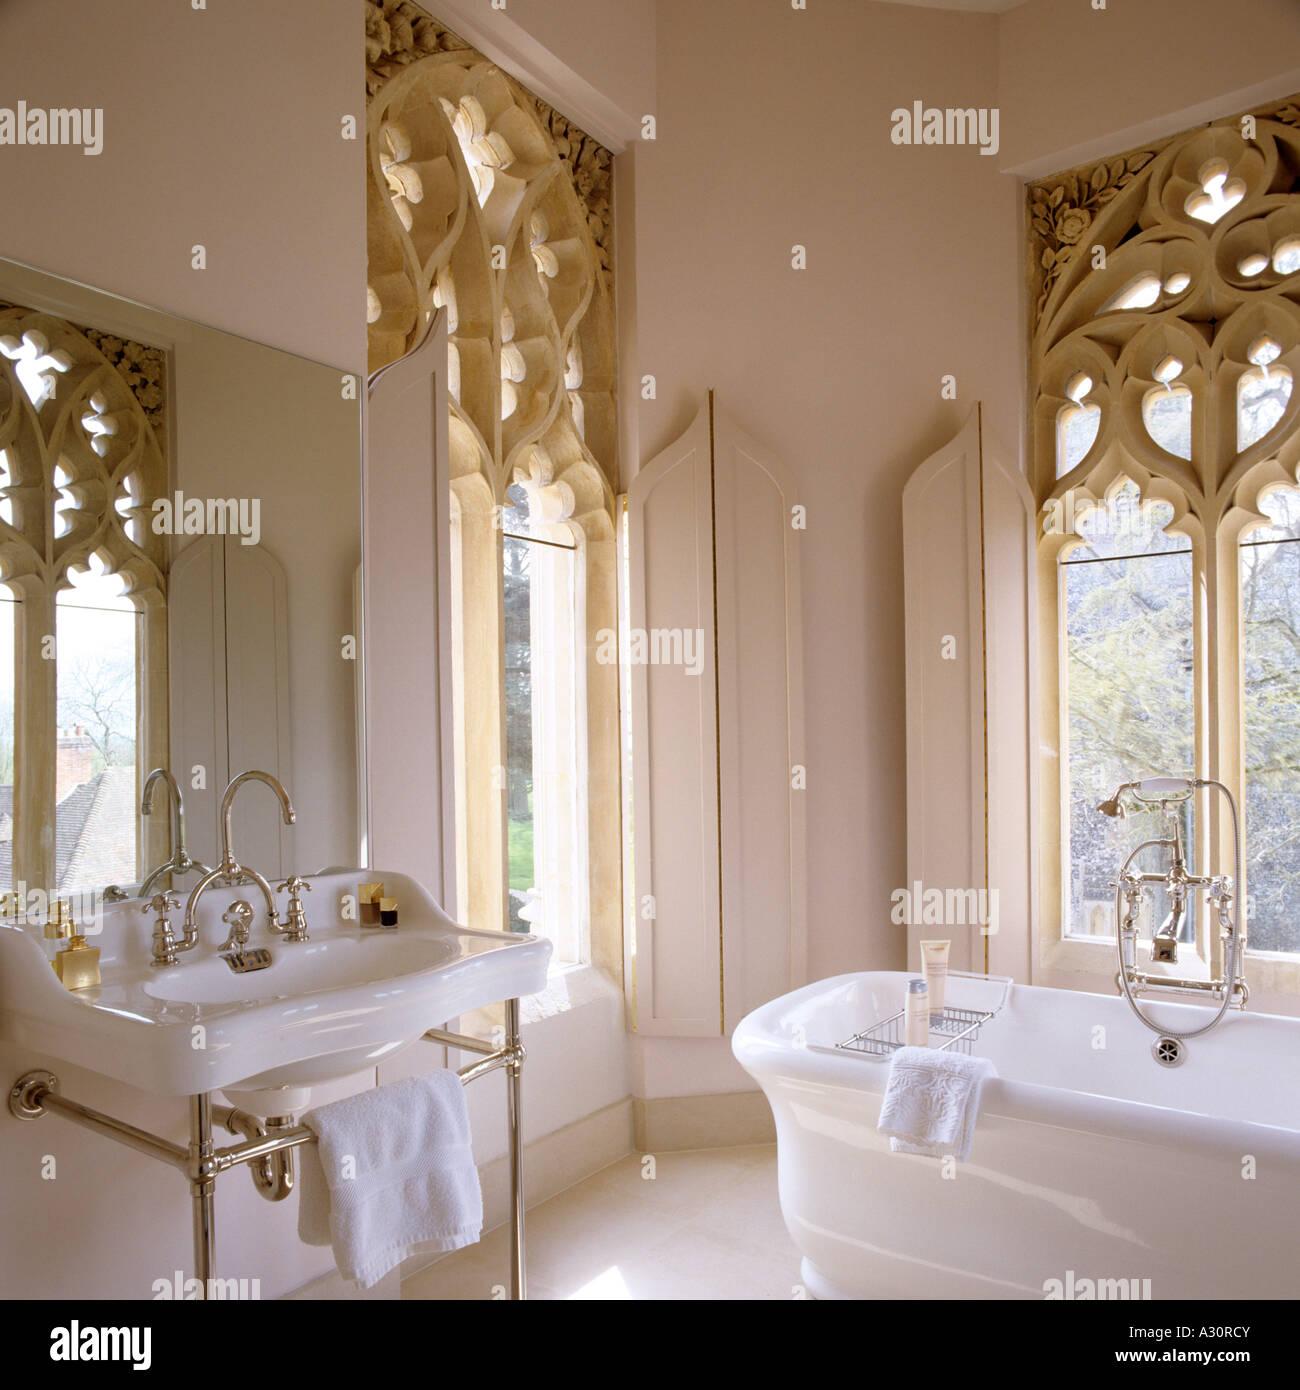 badezimmer mit großen gotischen fenstern im pfarrhaus aus dem 18, Badezimmer ideen